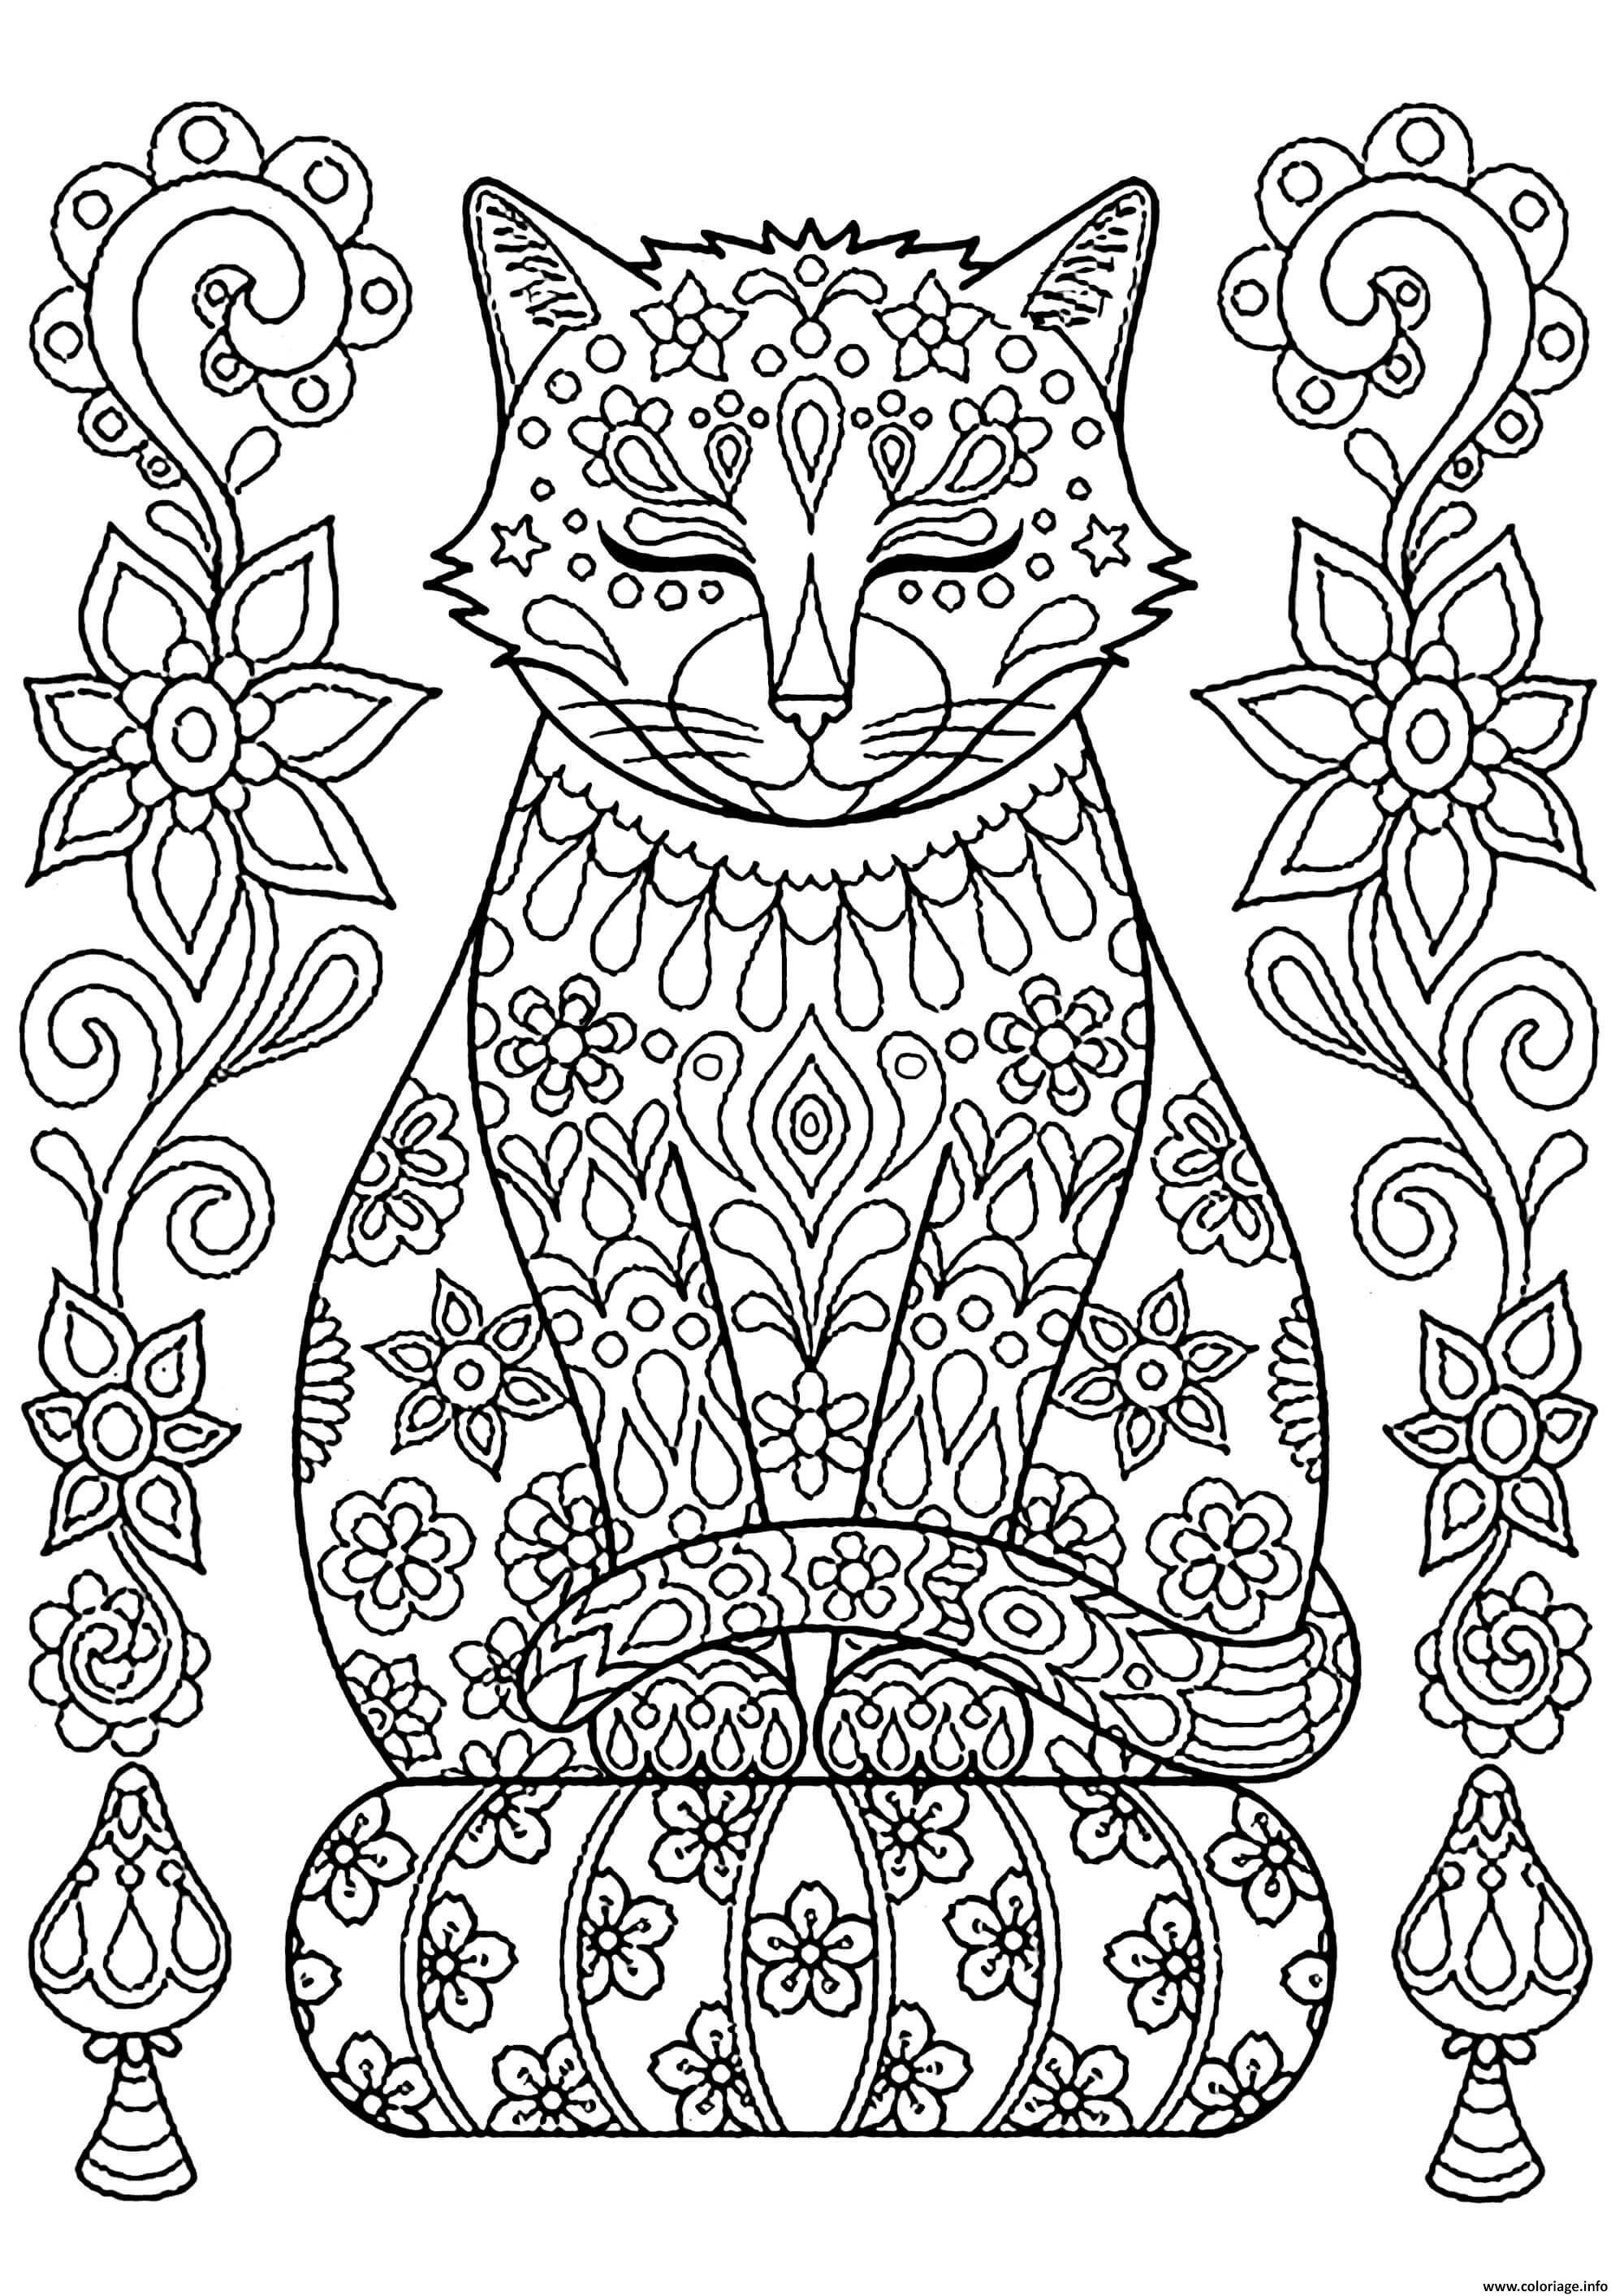 Coloriage Adulte Zen A Imprimer Gratuit.Coloriage Adulte Mandala Chat Zen Dessin